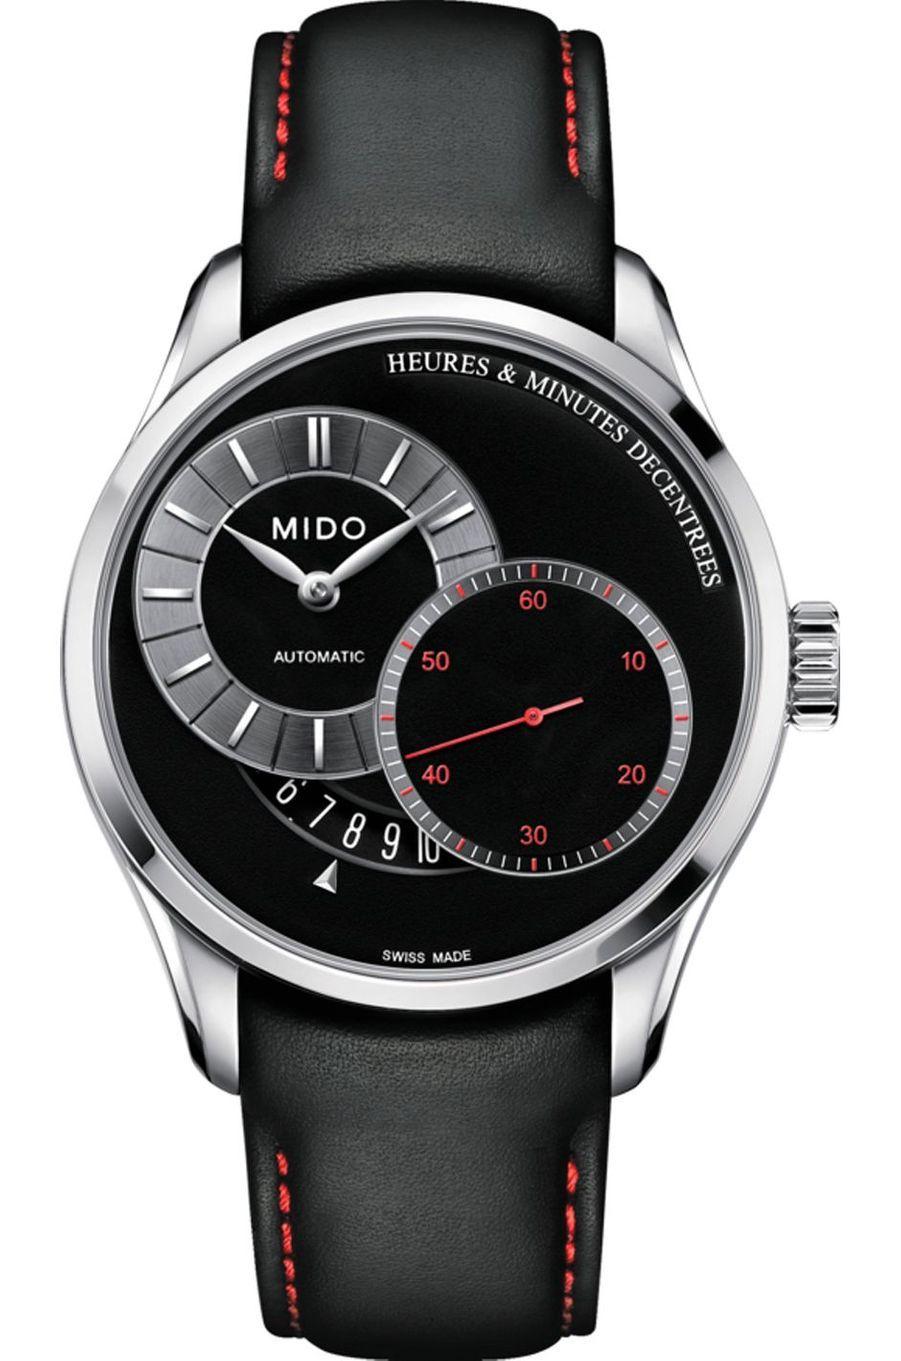 Belluna an acier, 40 mm de diamètre, mouvement automatique avec heures et minutes décentrées et grande seconde, bracelet en cuir. Mido, 1050 €.